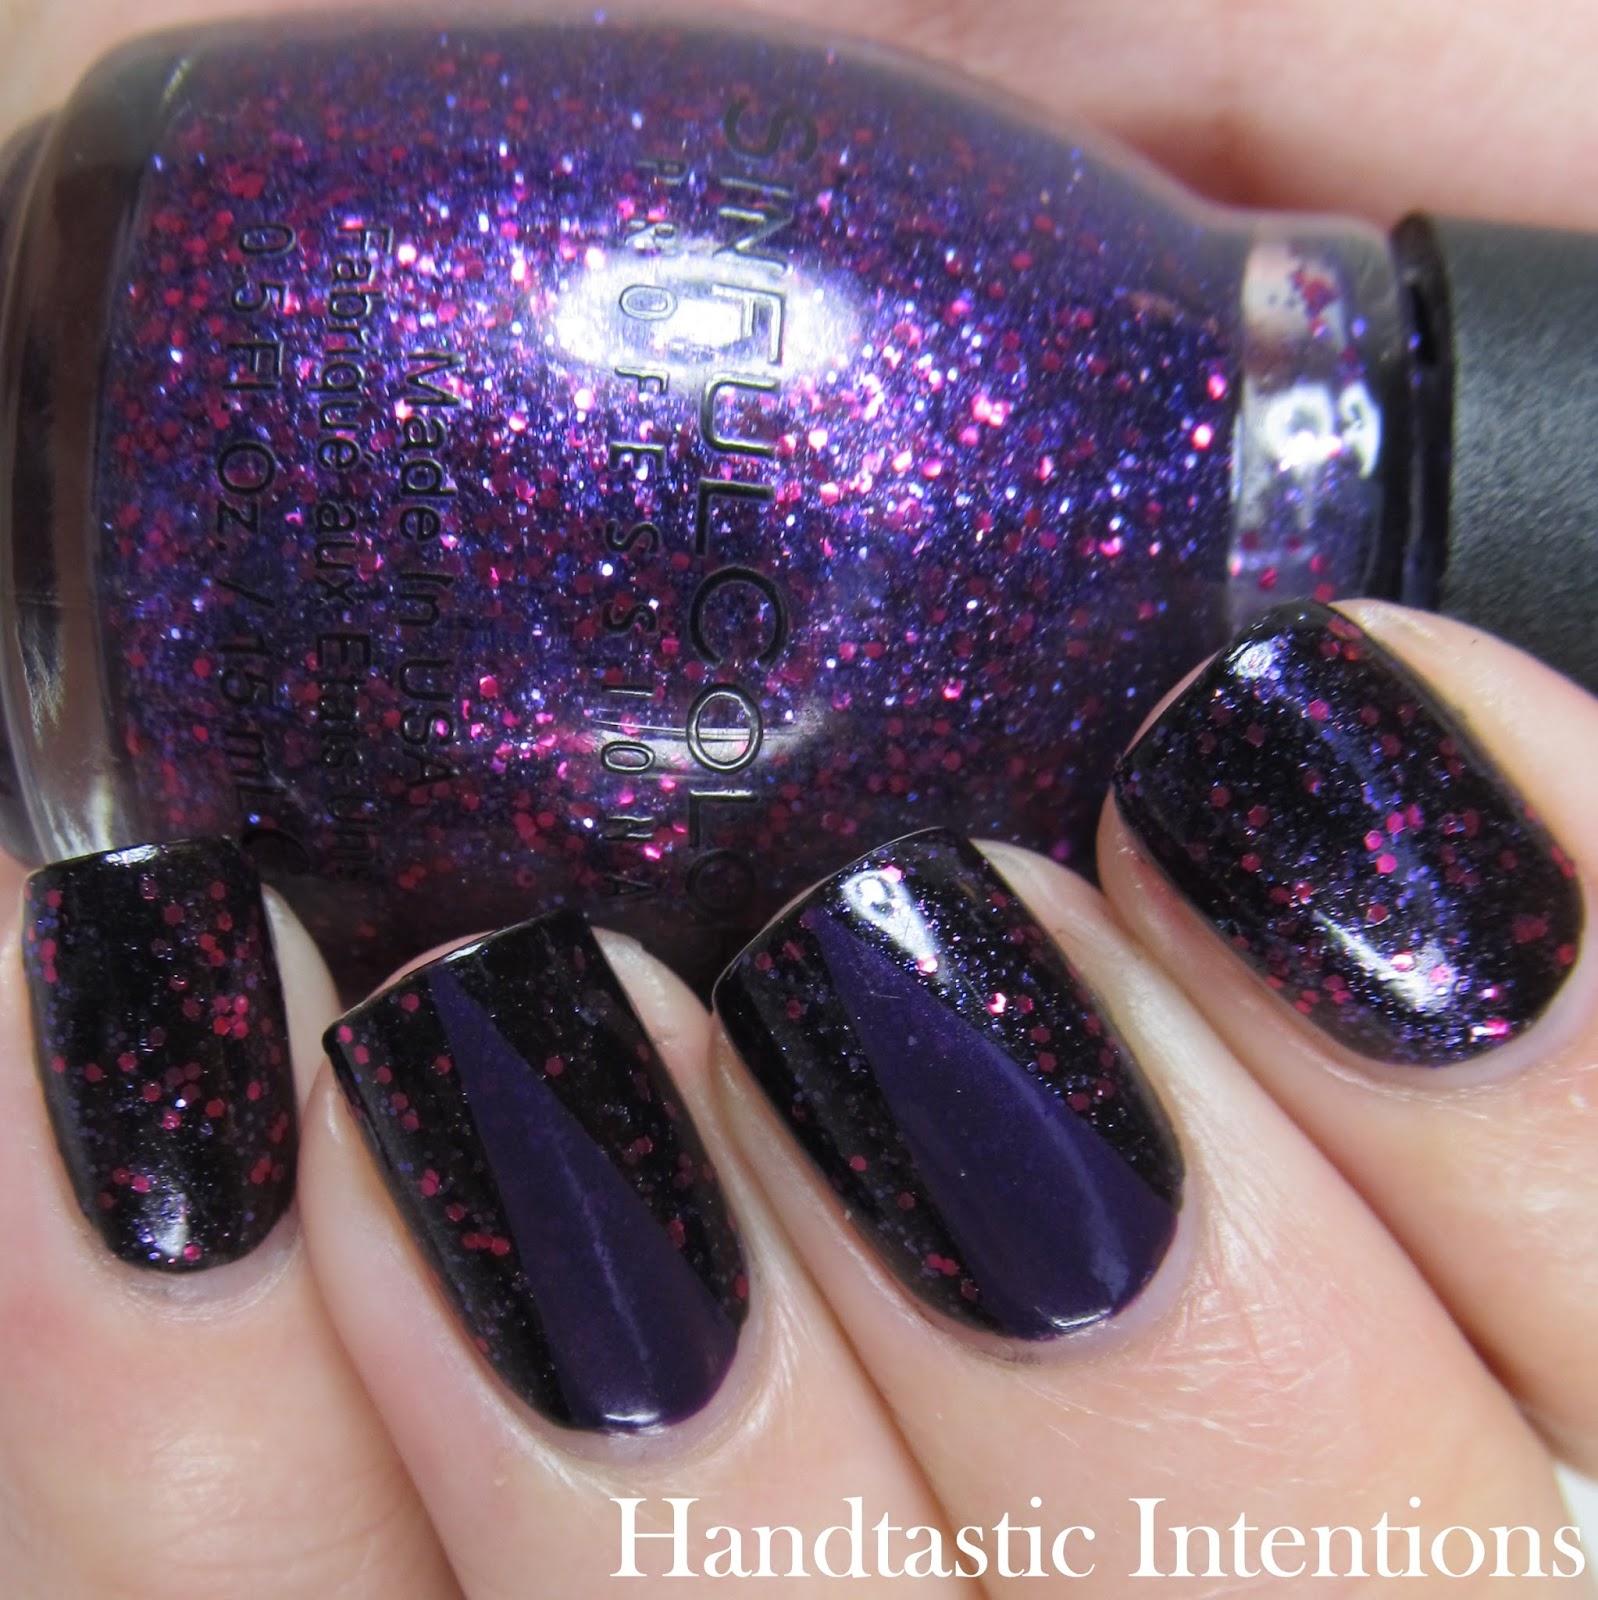 Purple Nail Art: Handtastic Intentions: Dark Purple Nail Art